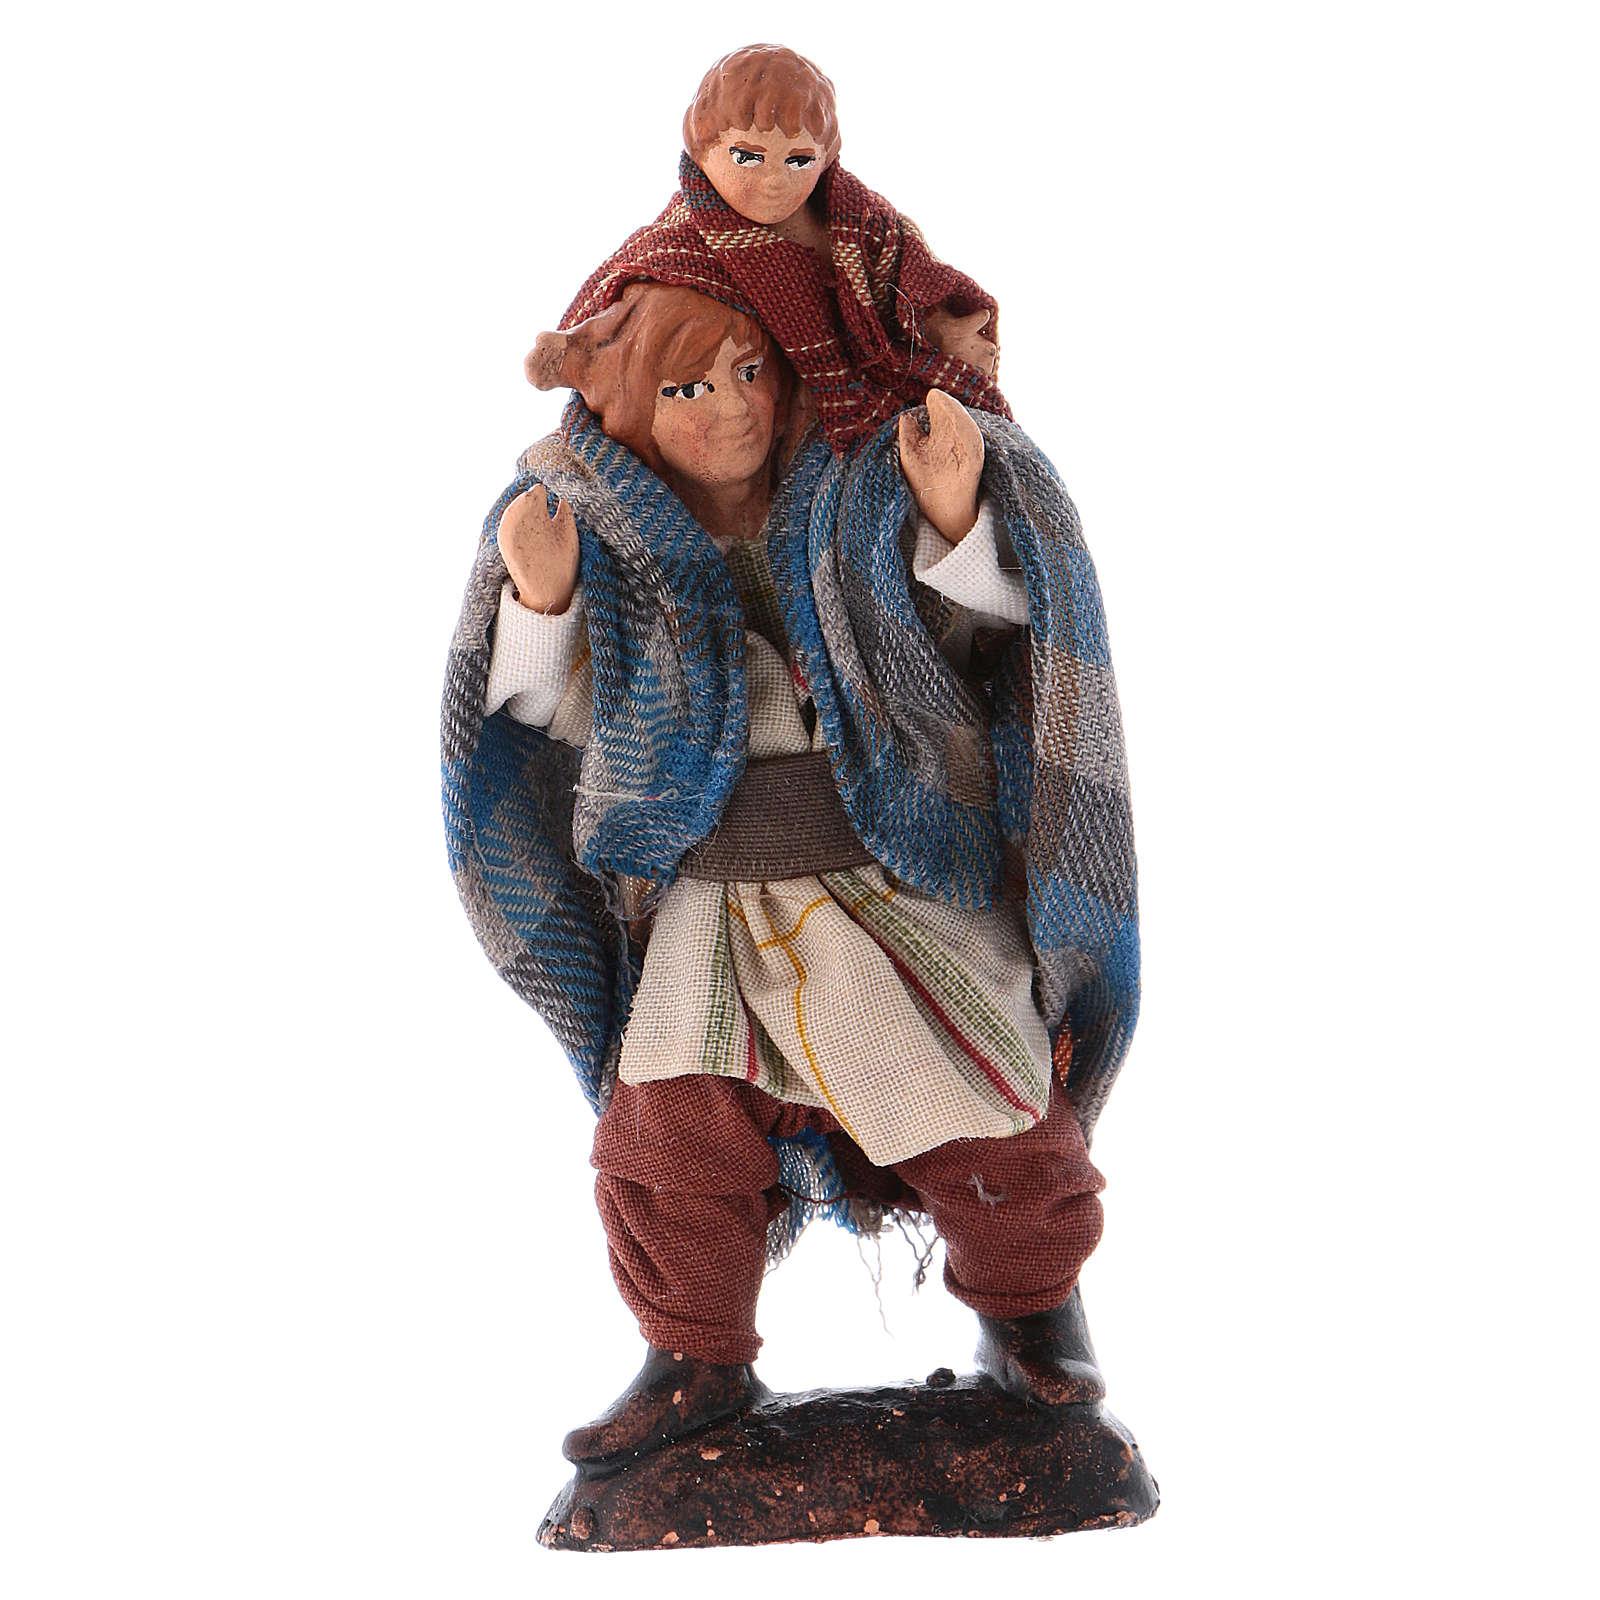 Santon crèche 8 cm homme avec enfant sur les épaules 4